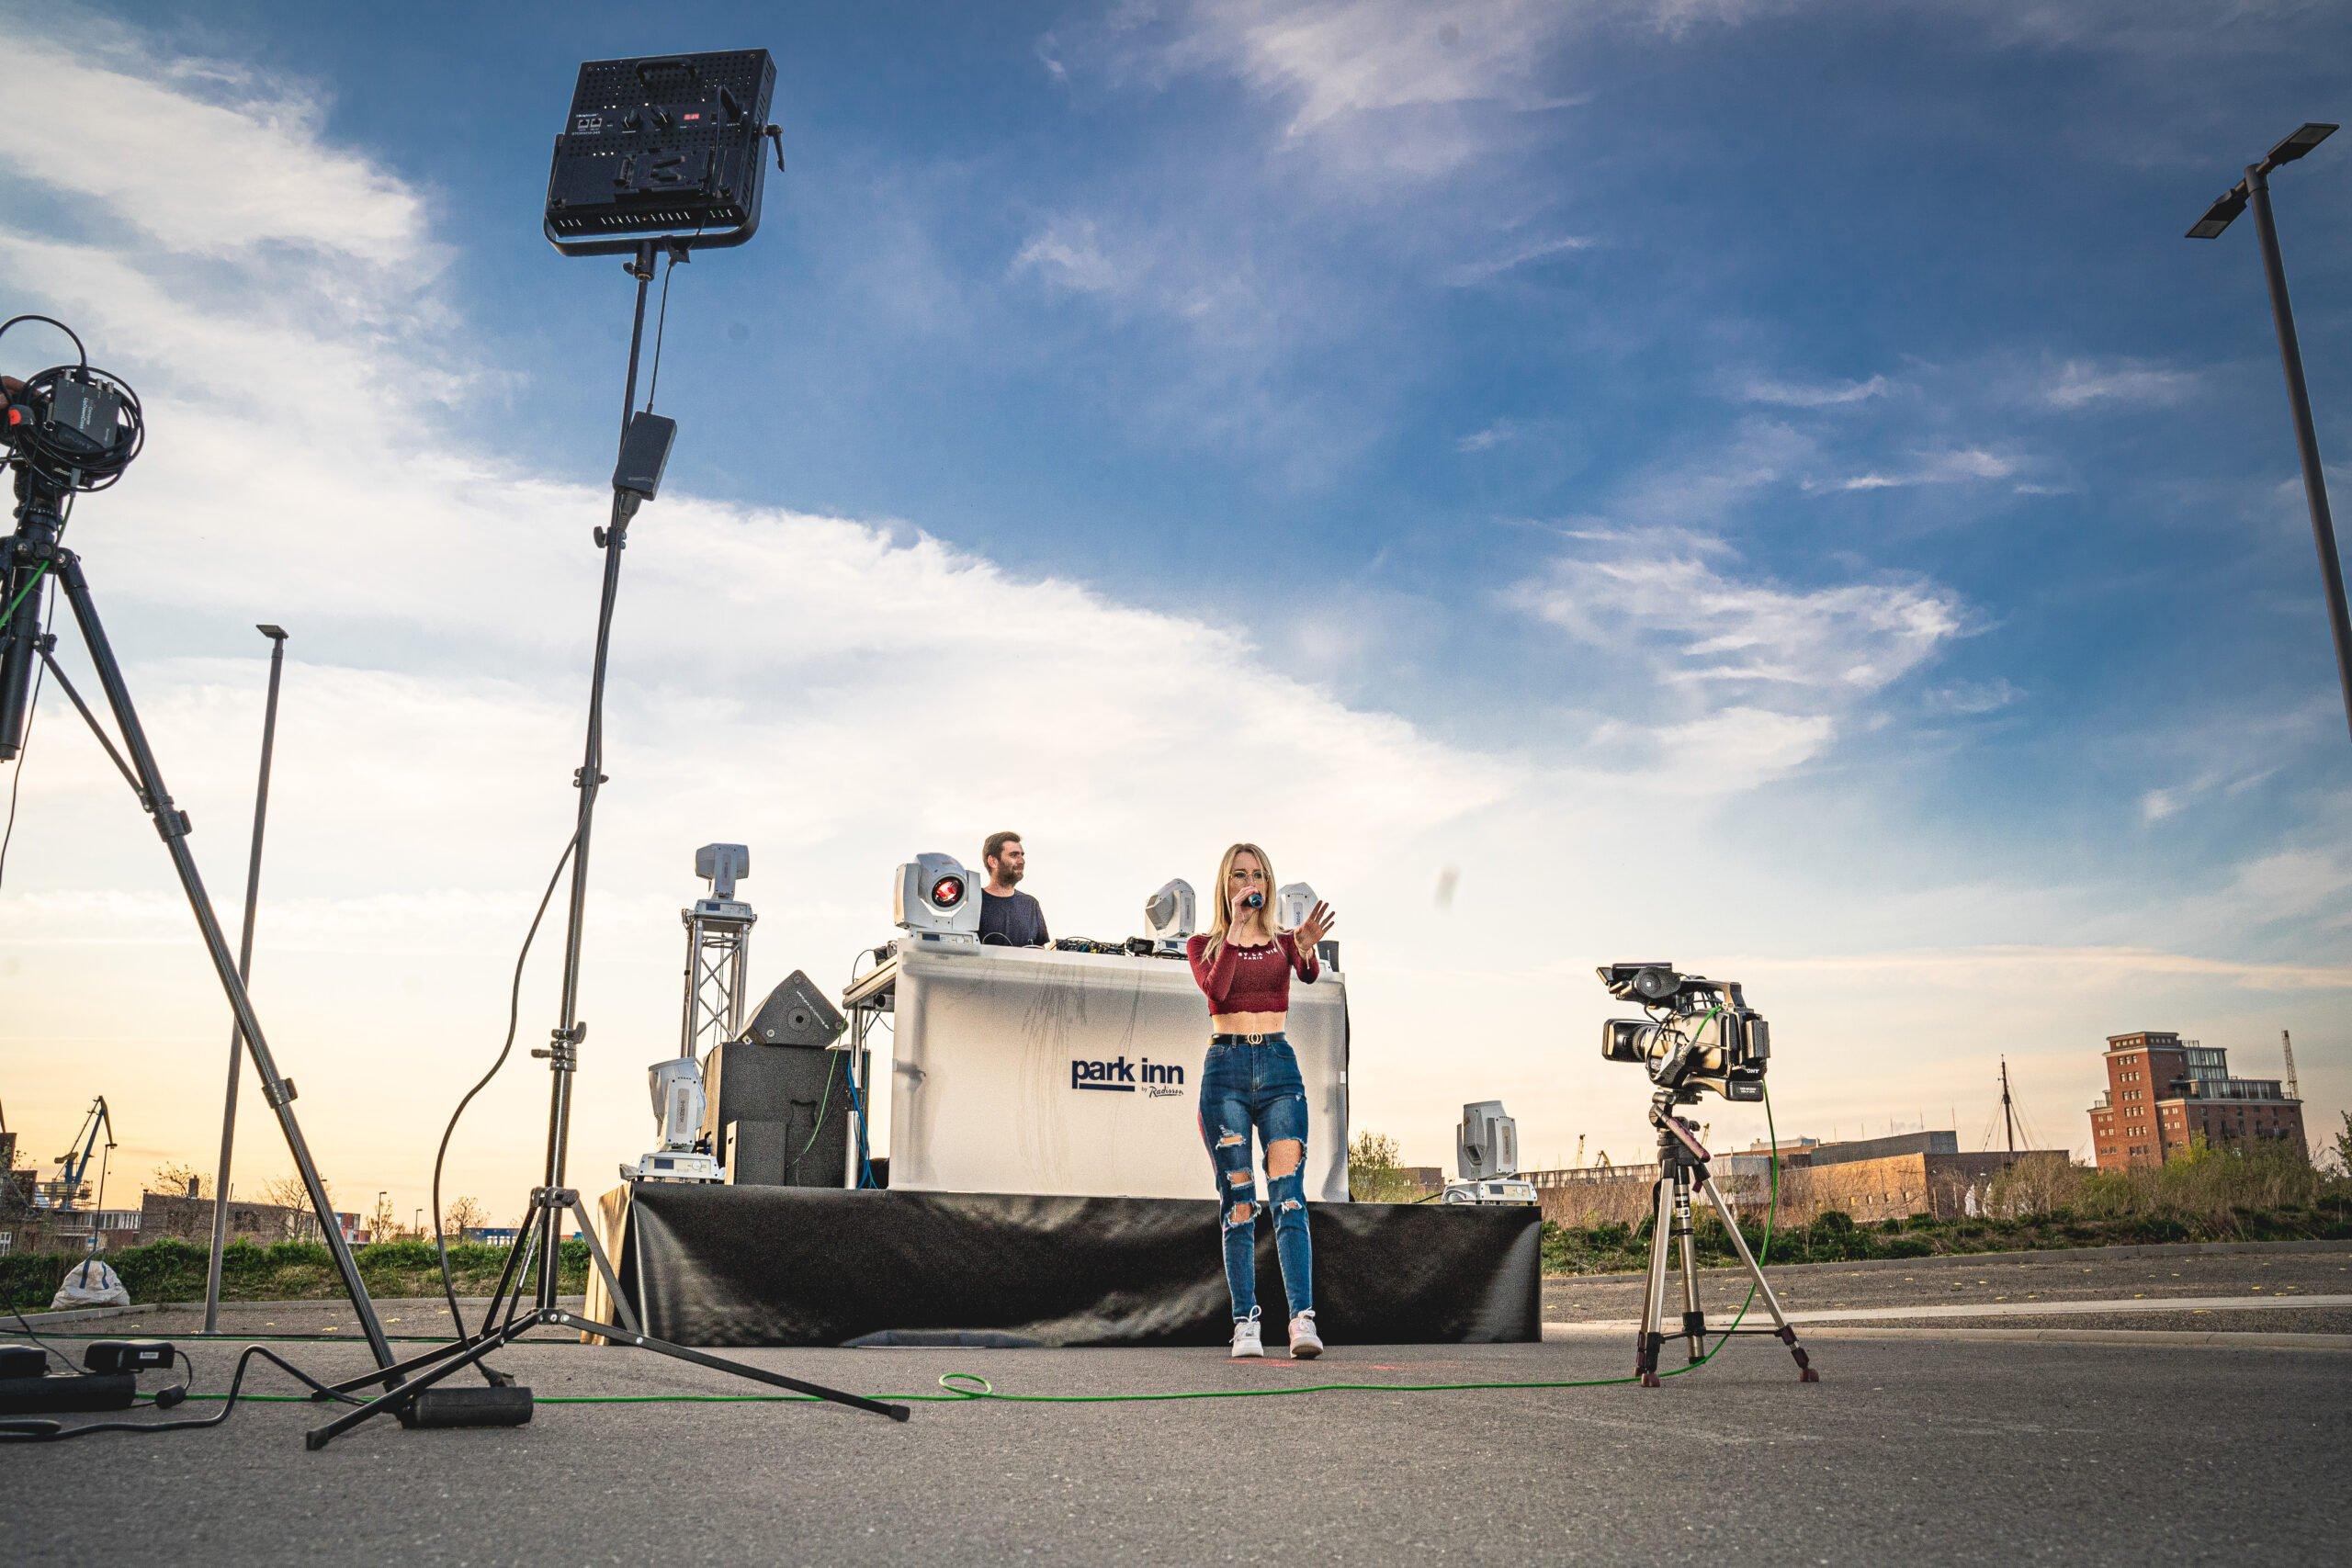 Live Streaming Lösungen für Wismar ❘ Schwerin ❘ Rostock ❘ Lübeck bei Pro-Dj-Lightning Veranstaltungstechnik